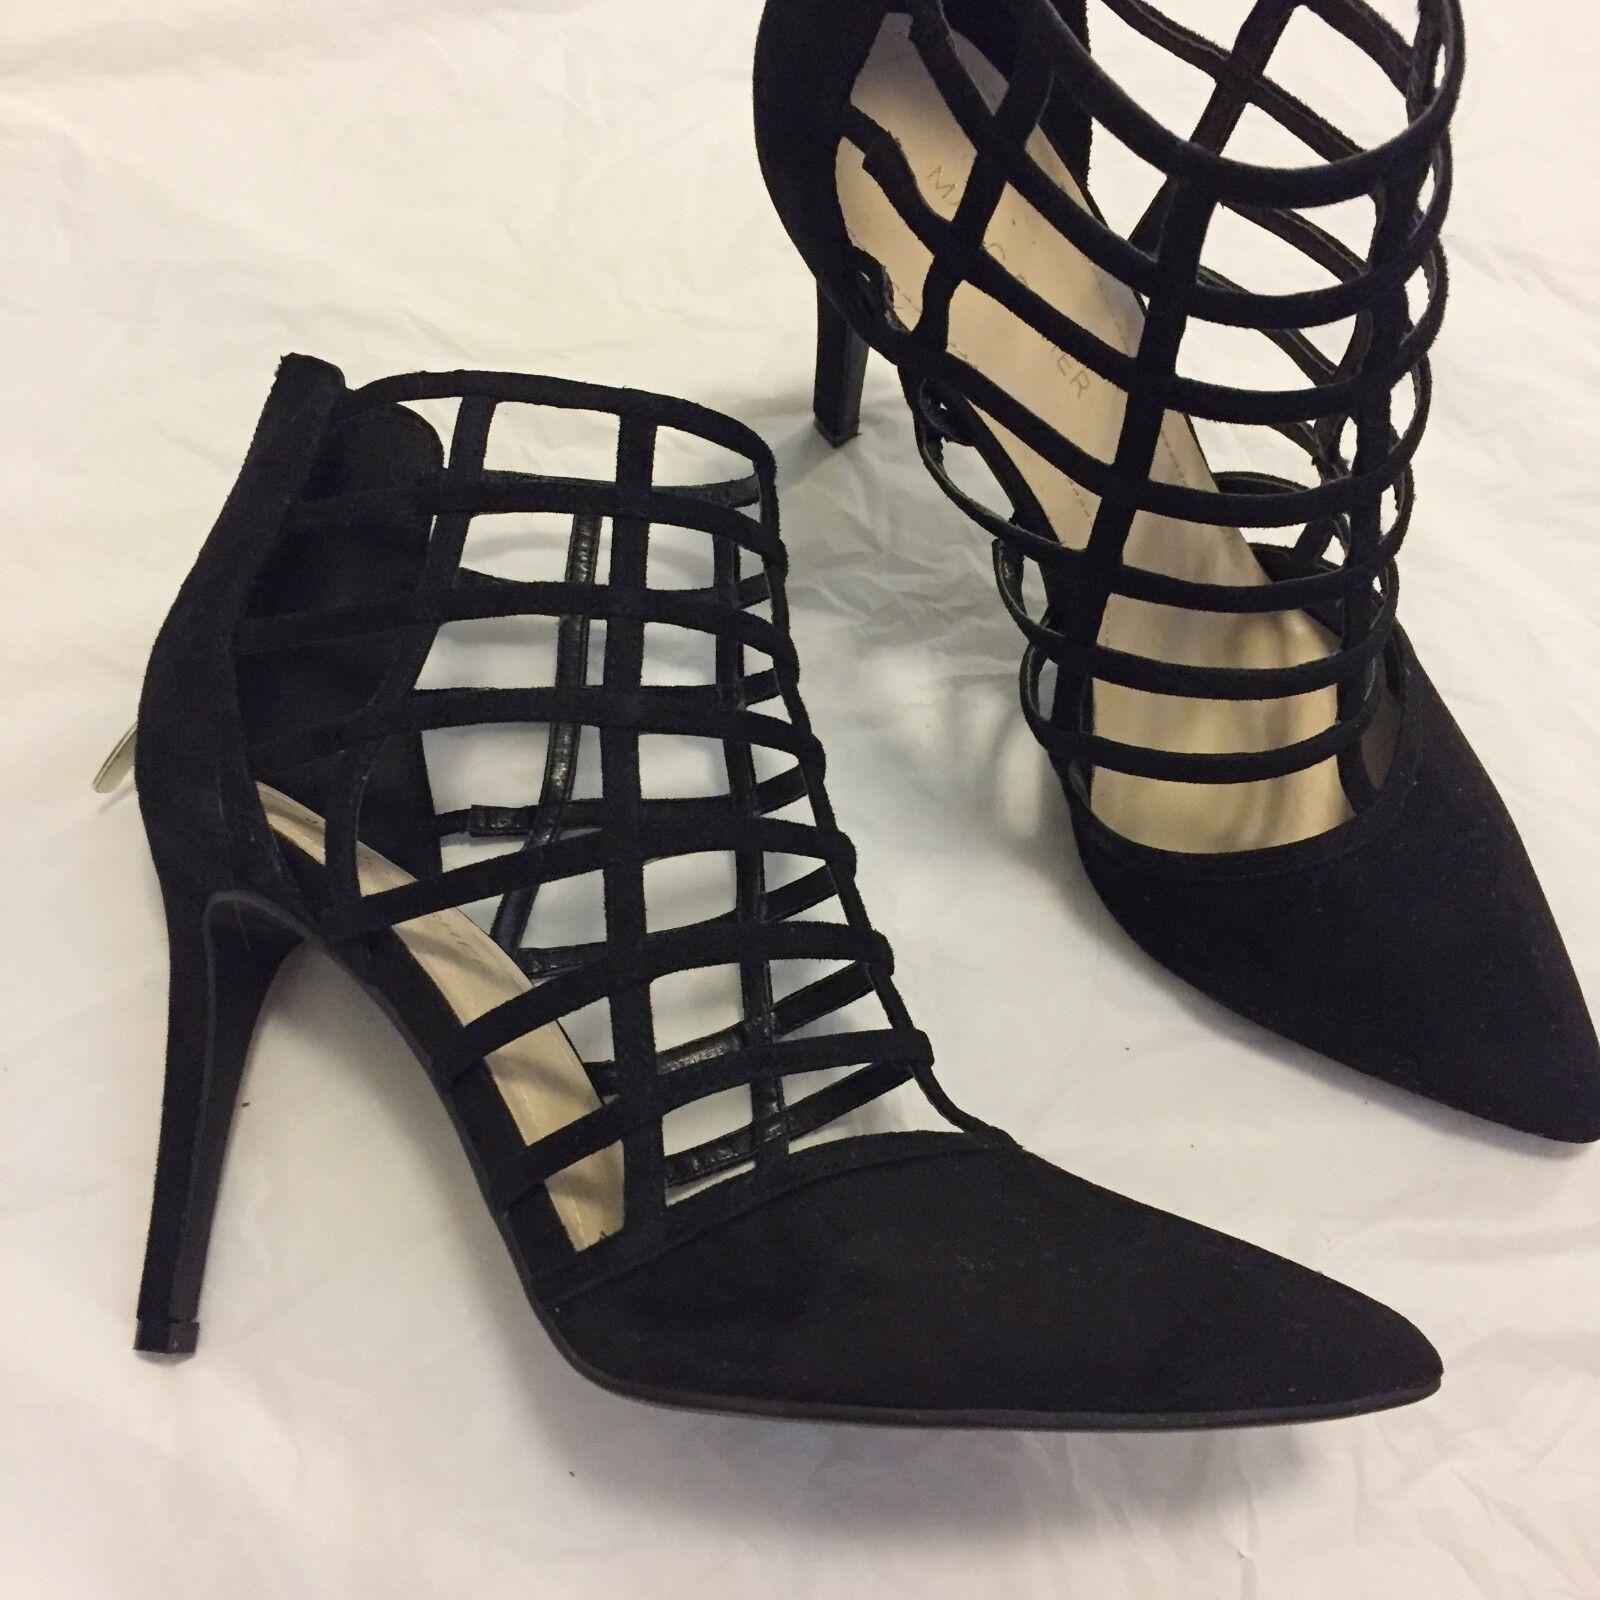 miglior prezzo Marc Fisher 8.5 M Maples nero Caged Strappy Strappy Strappy Heels Pumps scarpe  98  gli ultimi modelli